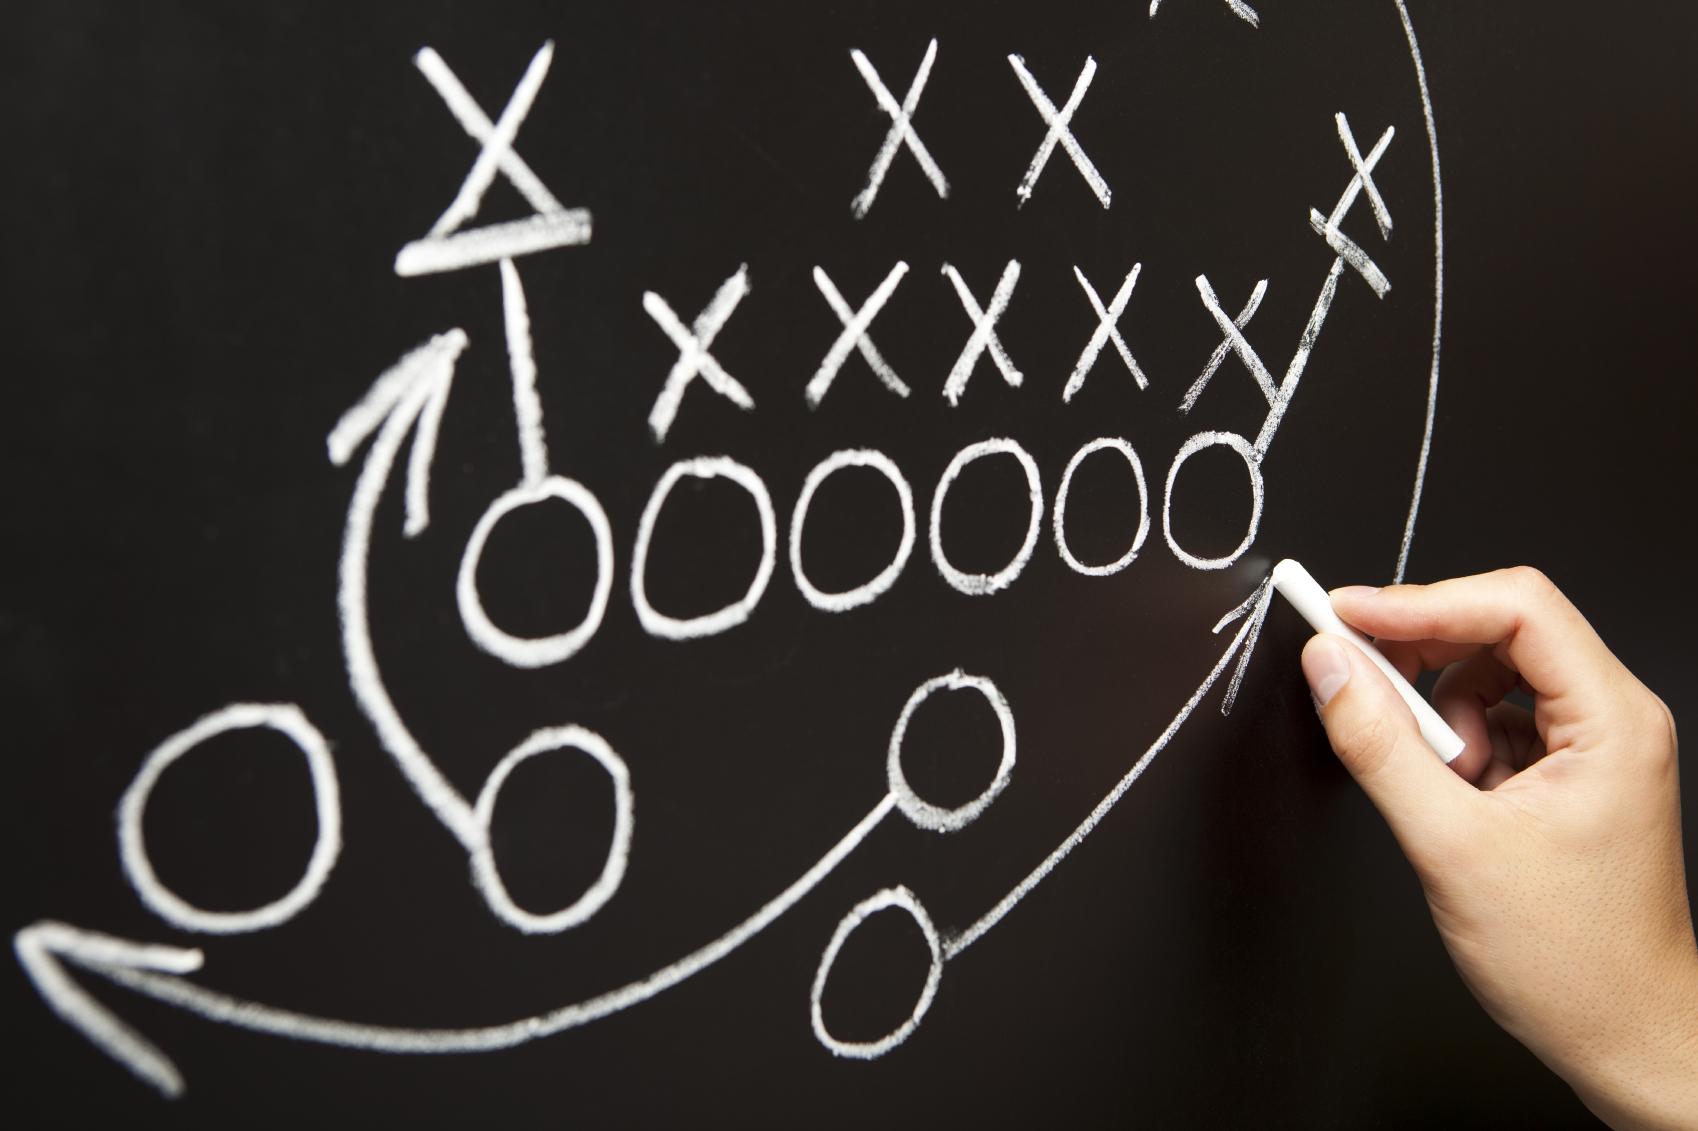 Estratégias de marketing: o que acontece quando você confunde com táticas?